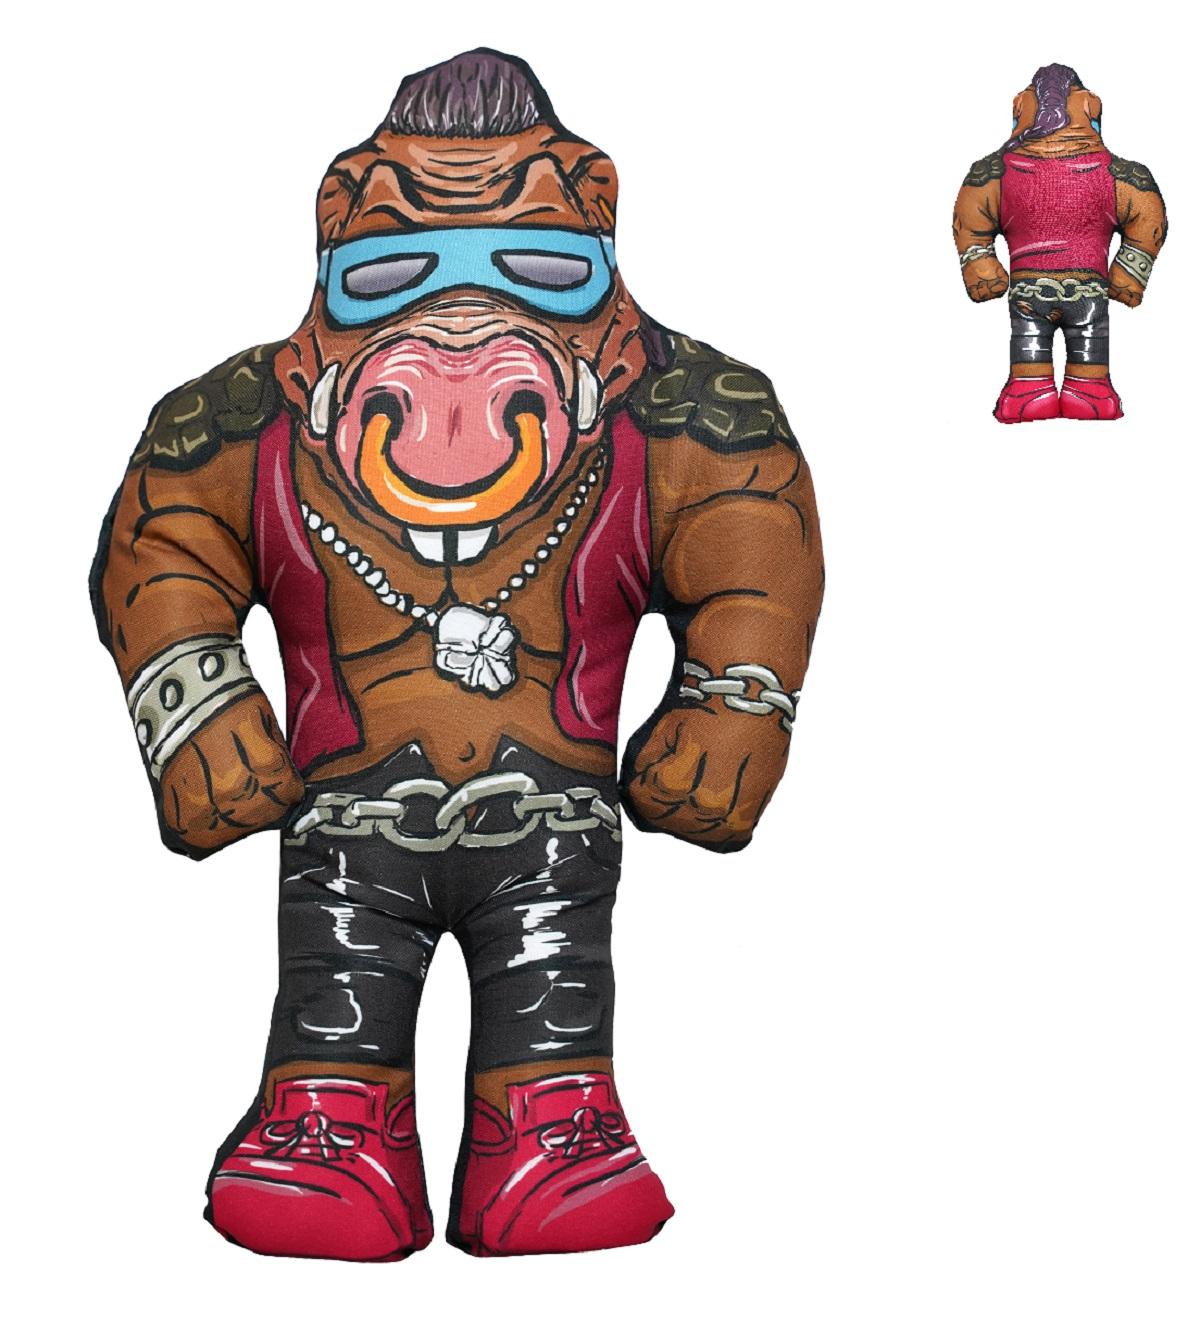 *PREORDER* I BEGNAMINI Cuscini da Collezione - Teenage Mutant Ninja Turtles: BEBOP (stampa Fronte/Retro)